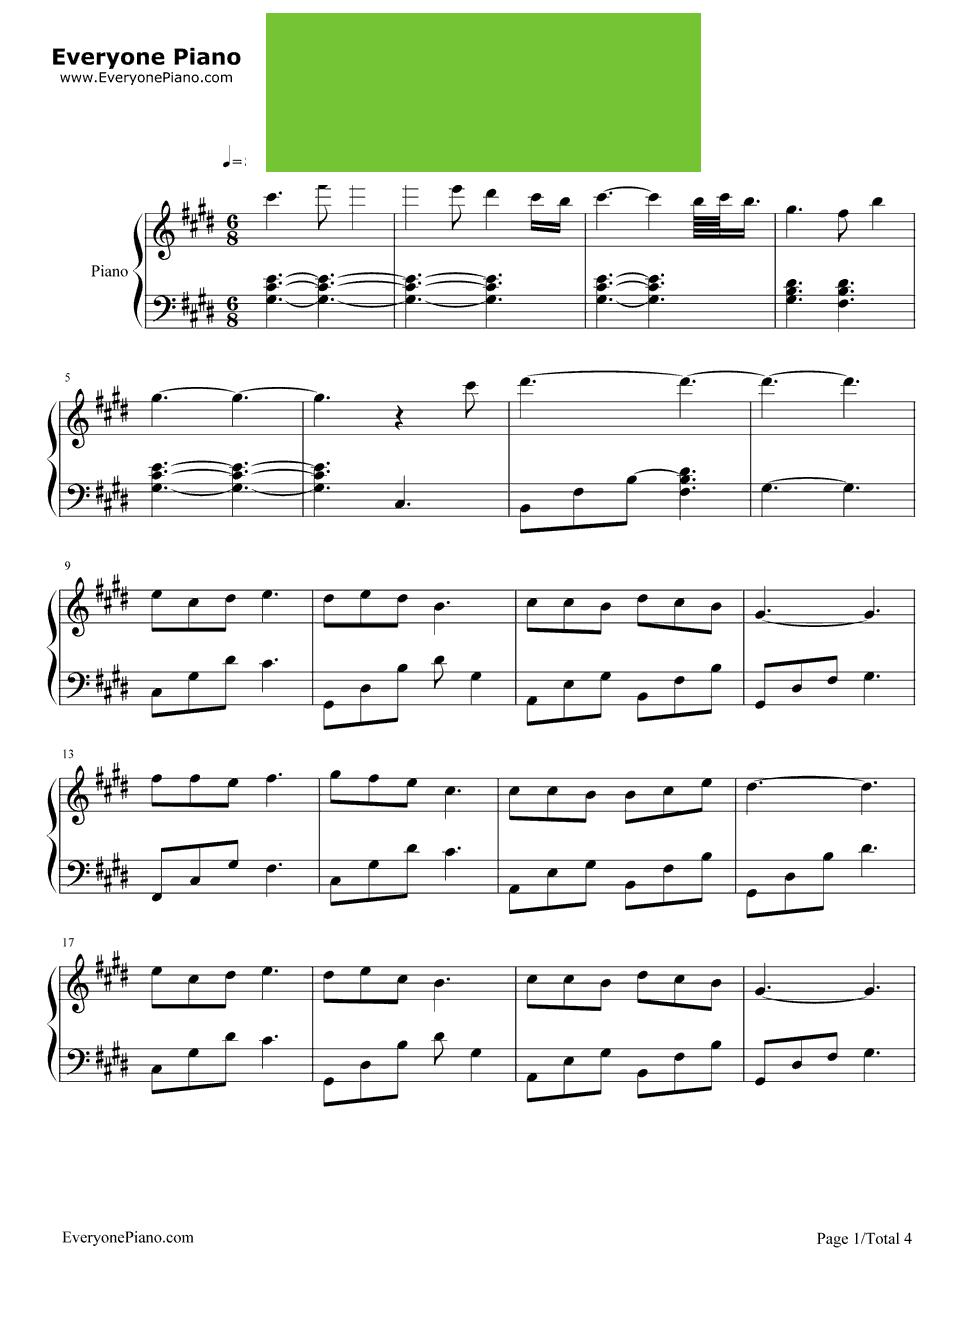 让一切随风谱子-fade乐谱简谱用数字